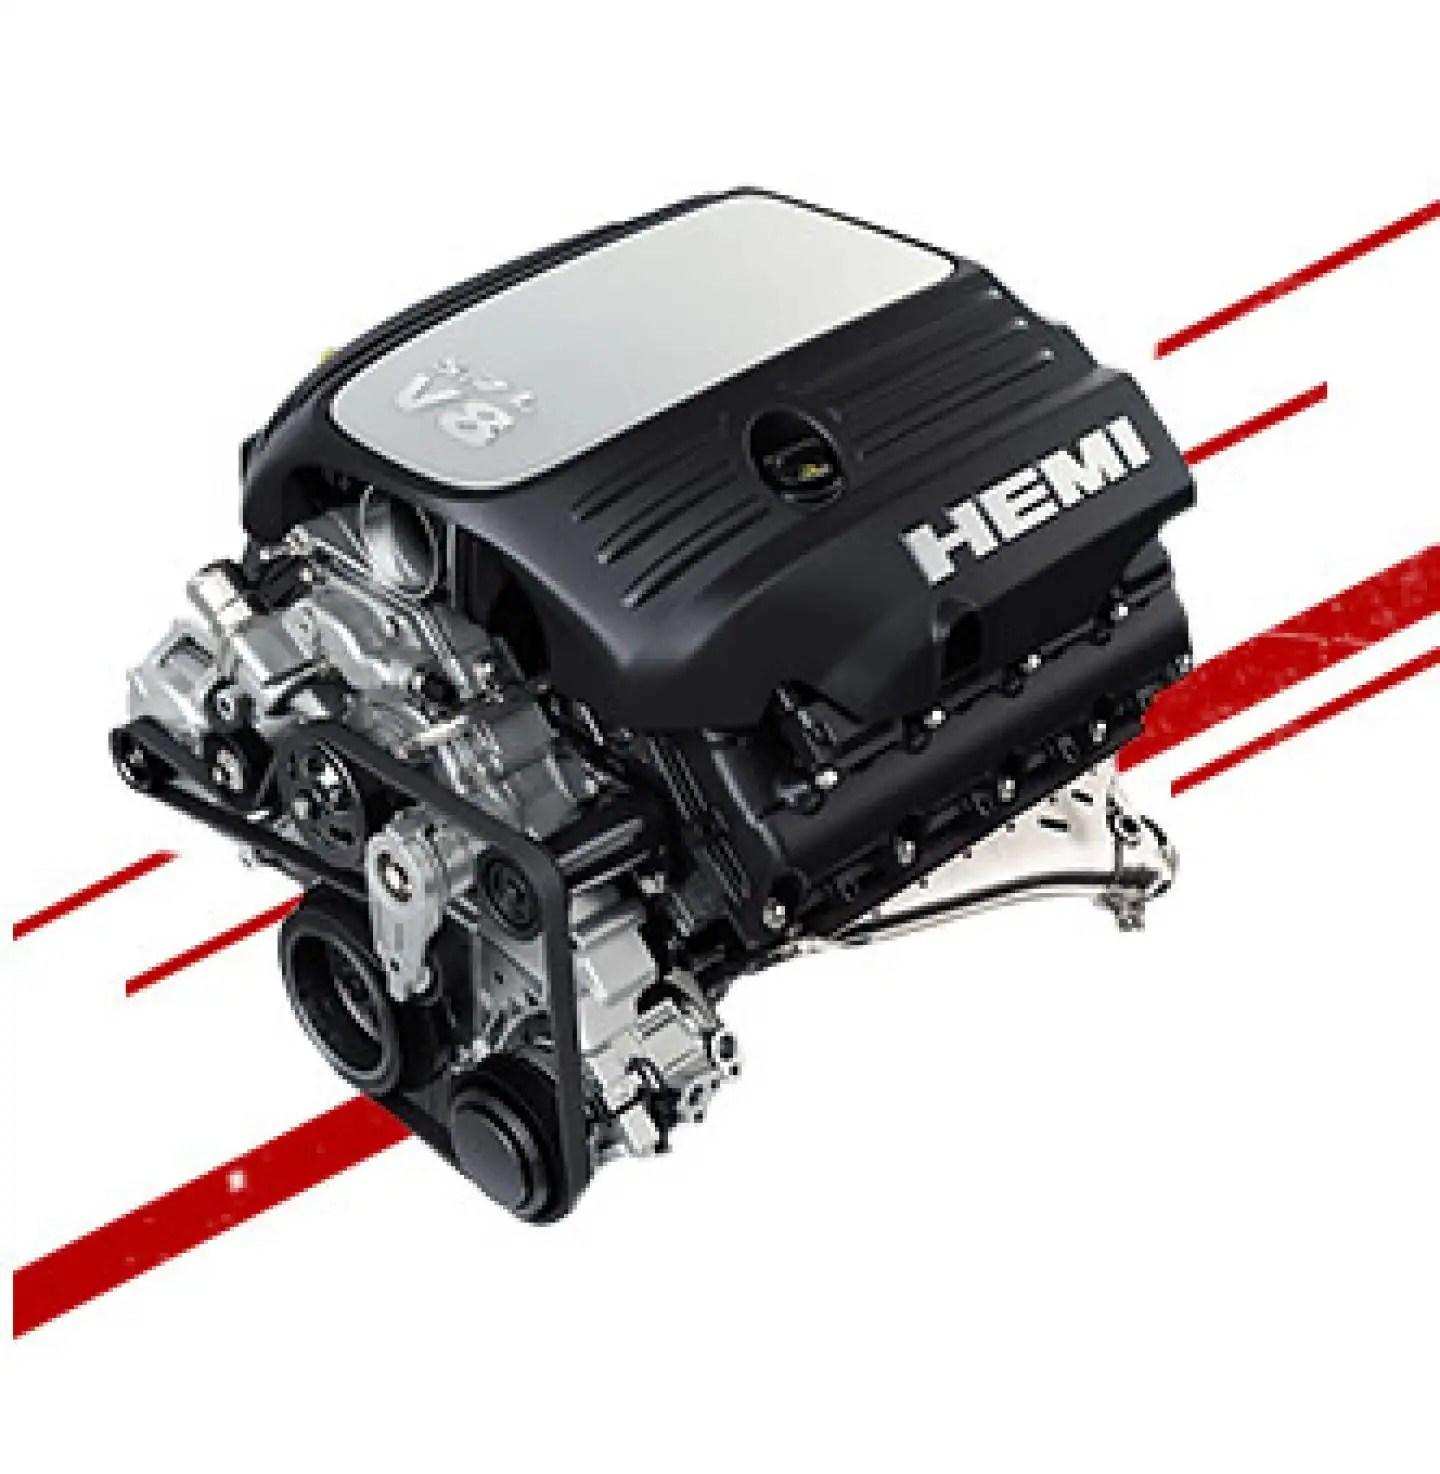 hight resolution of 2019 dodge charger 5 7l hemi v8 engine